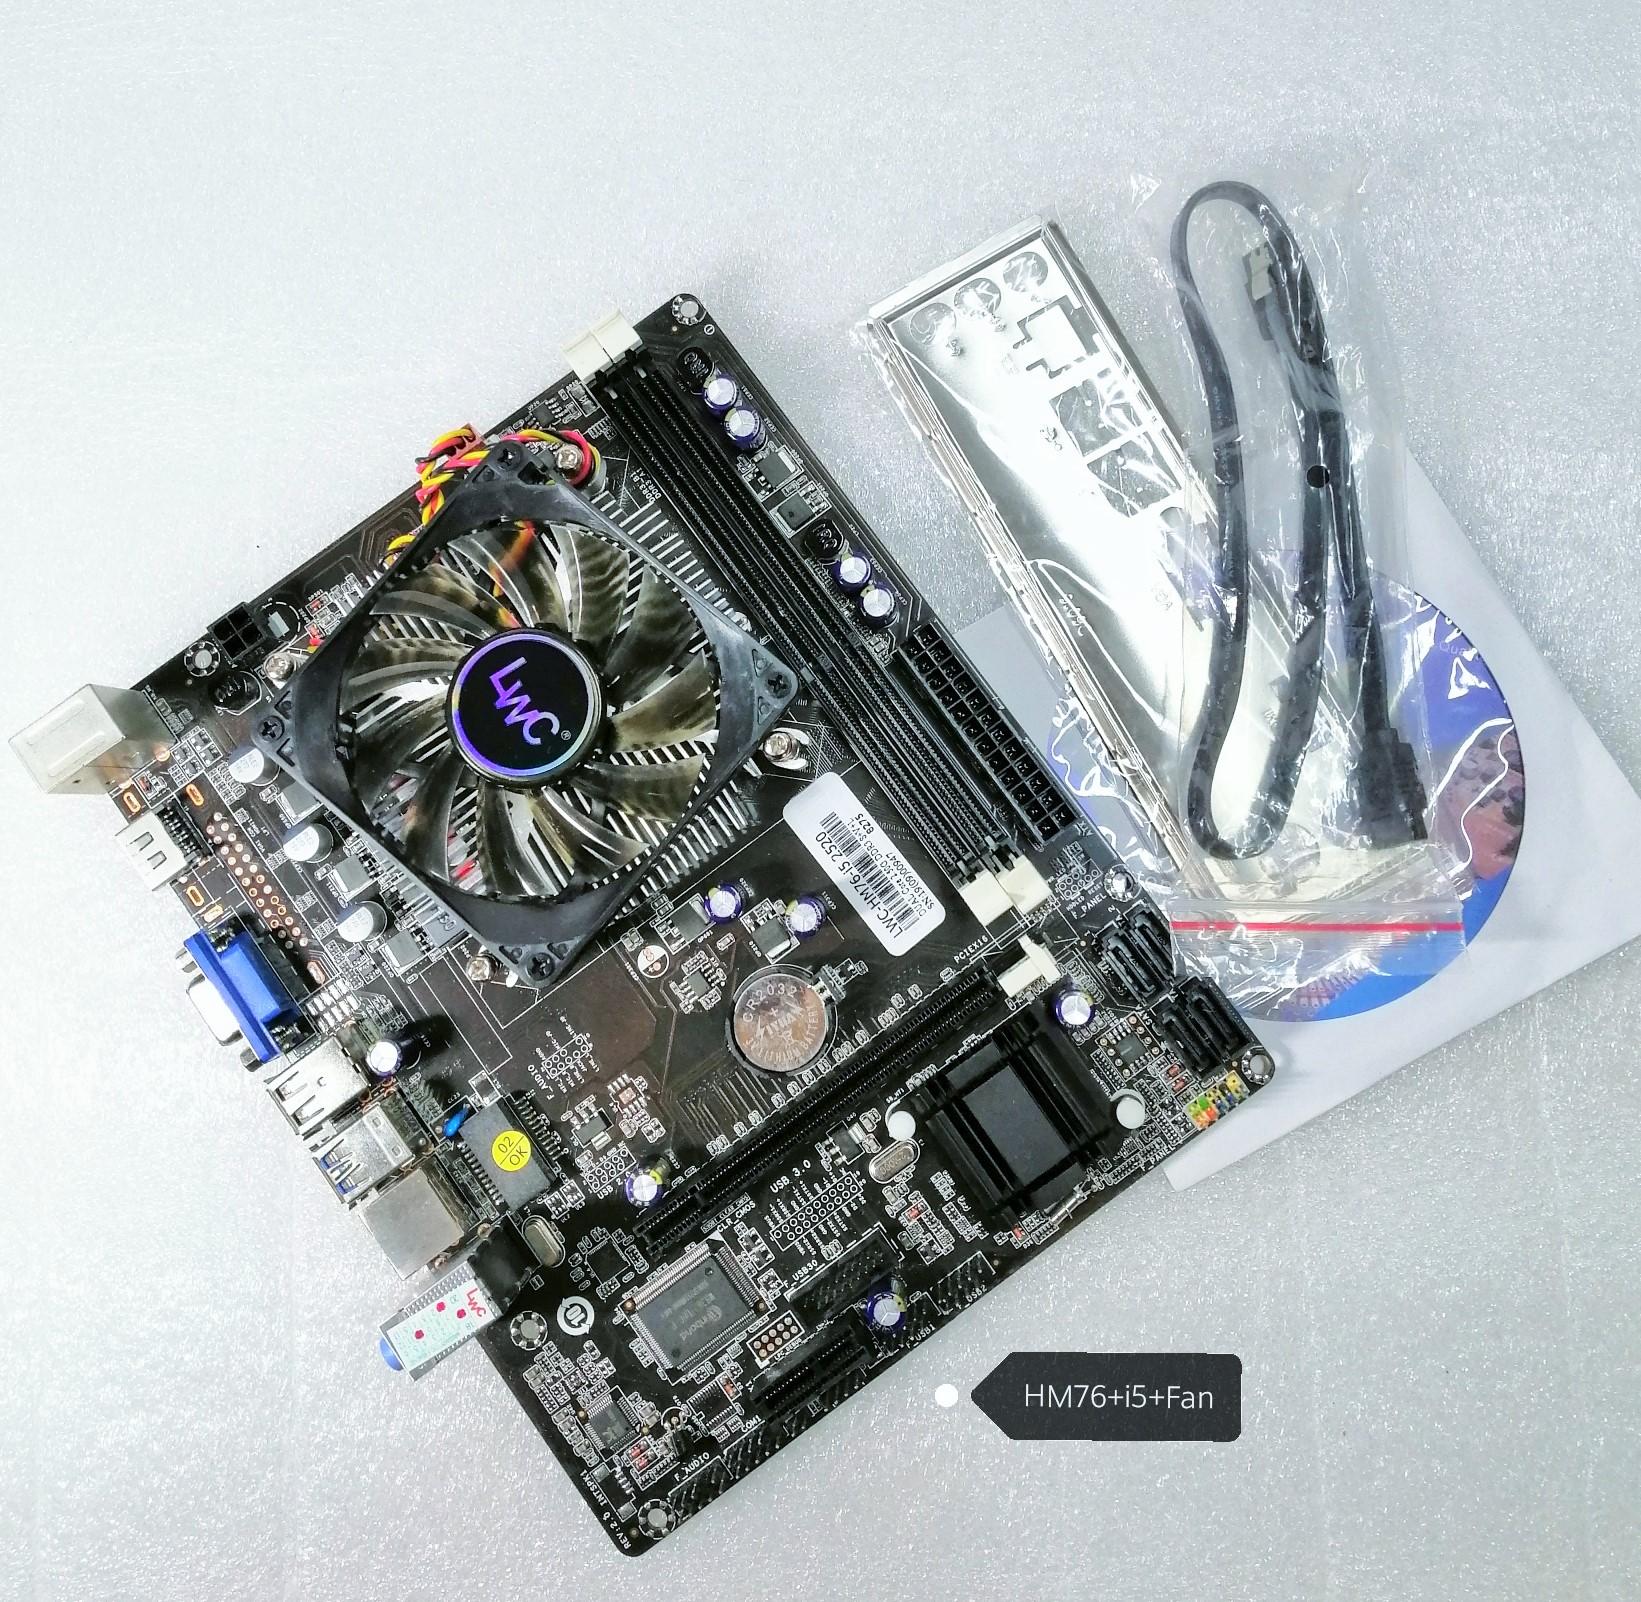 Mainboard HM76 +CPU i5 +Fan